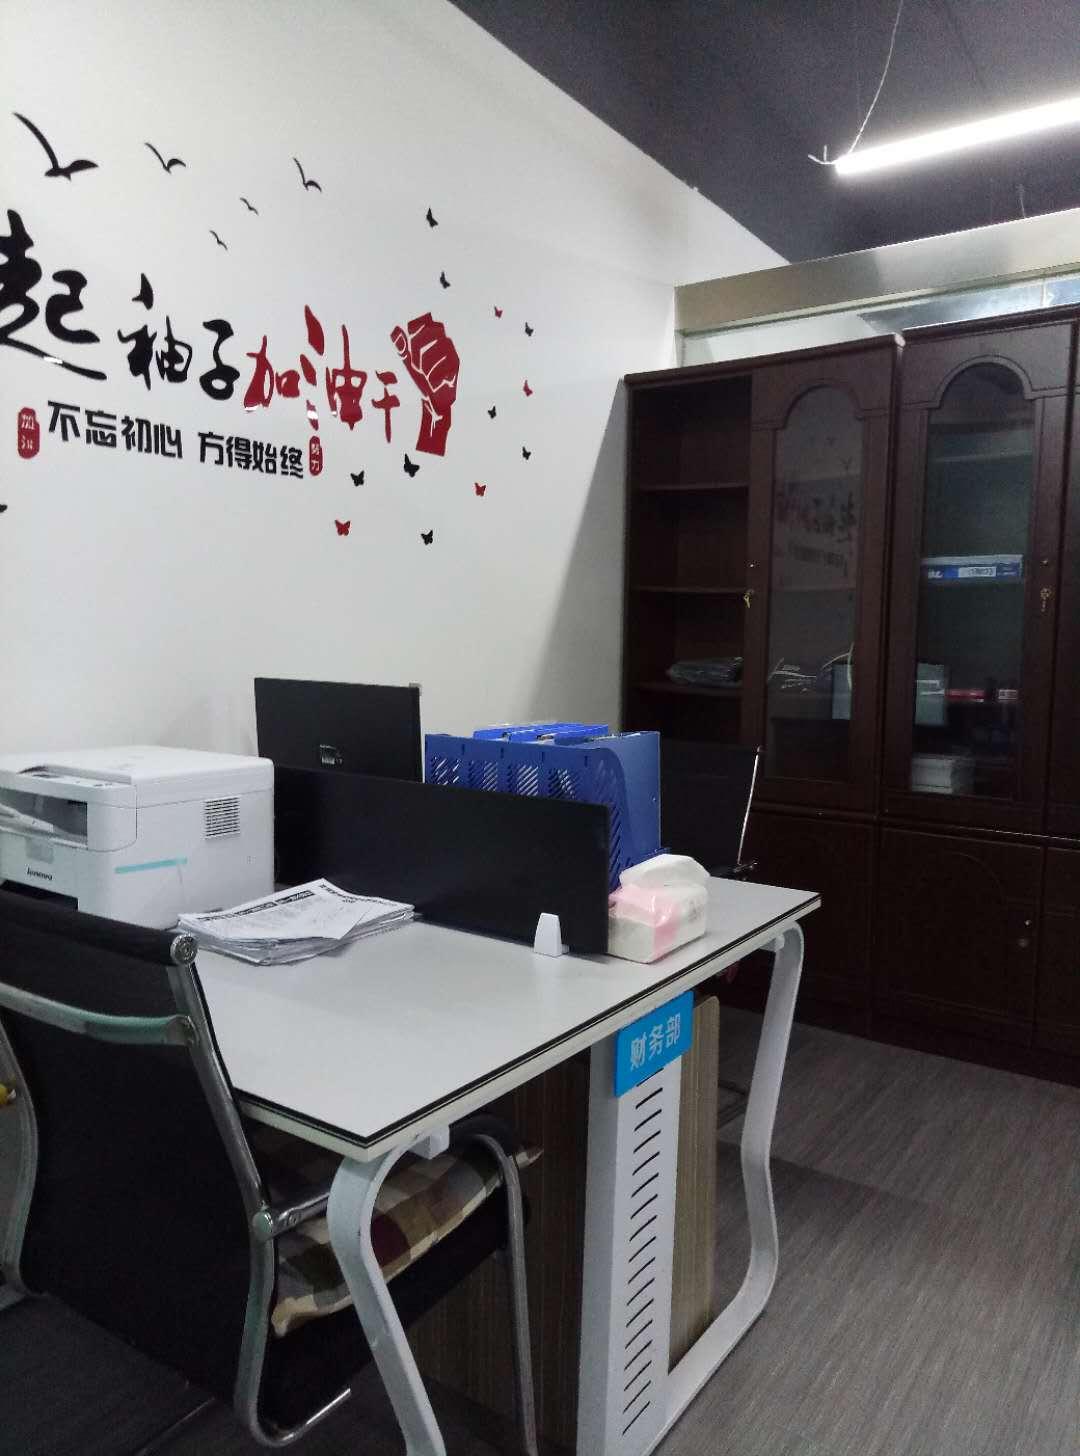 贵州源协盛科技有限责任公司